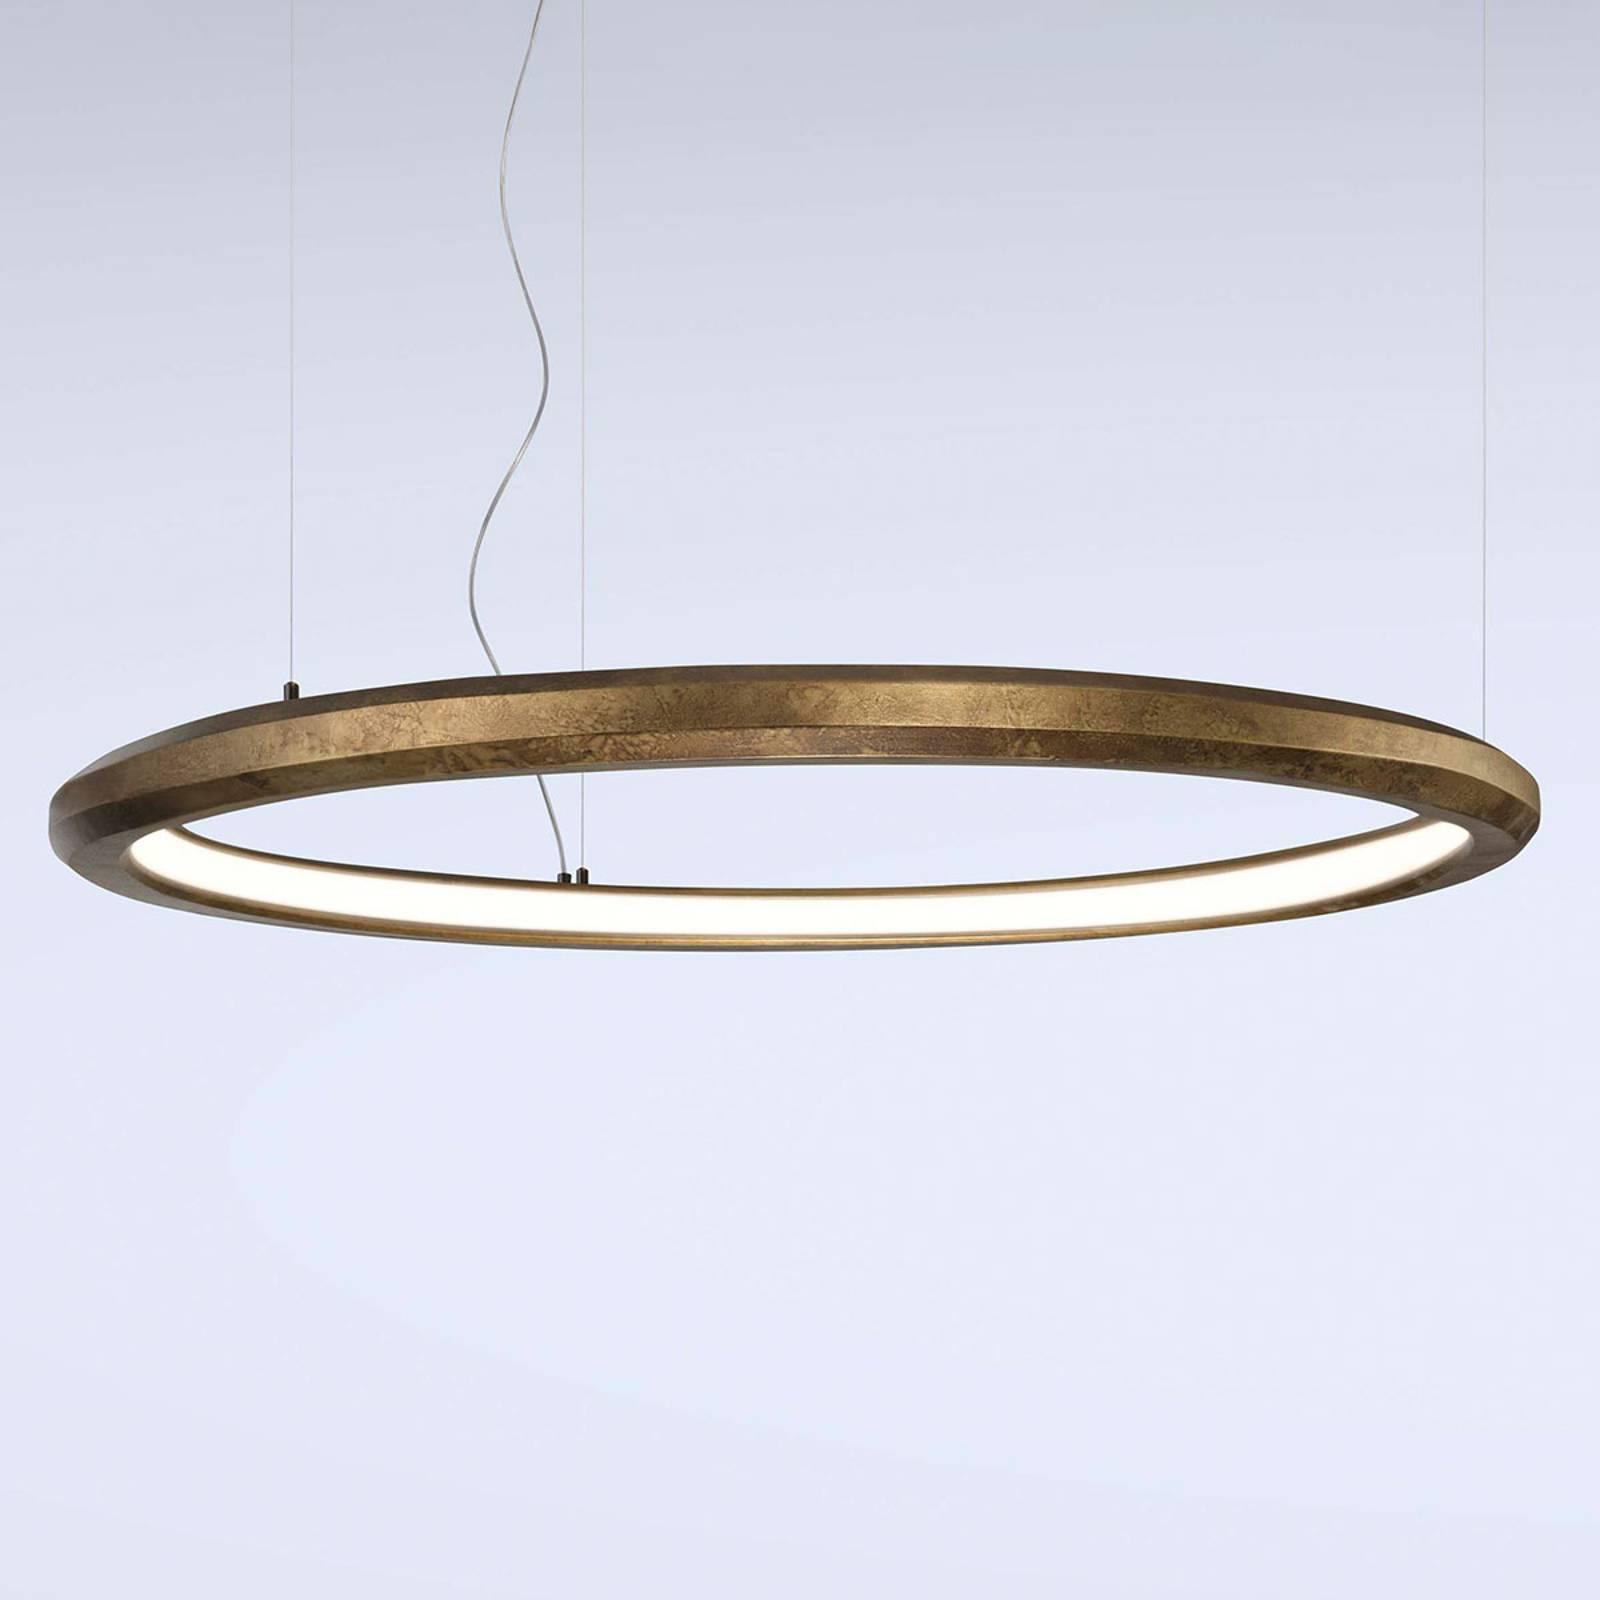 LED hanglamp Materica binnen Ø 120 cm messing